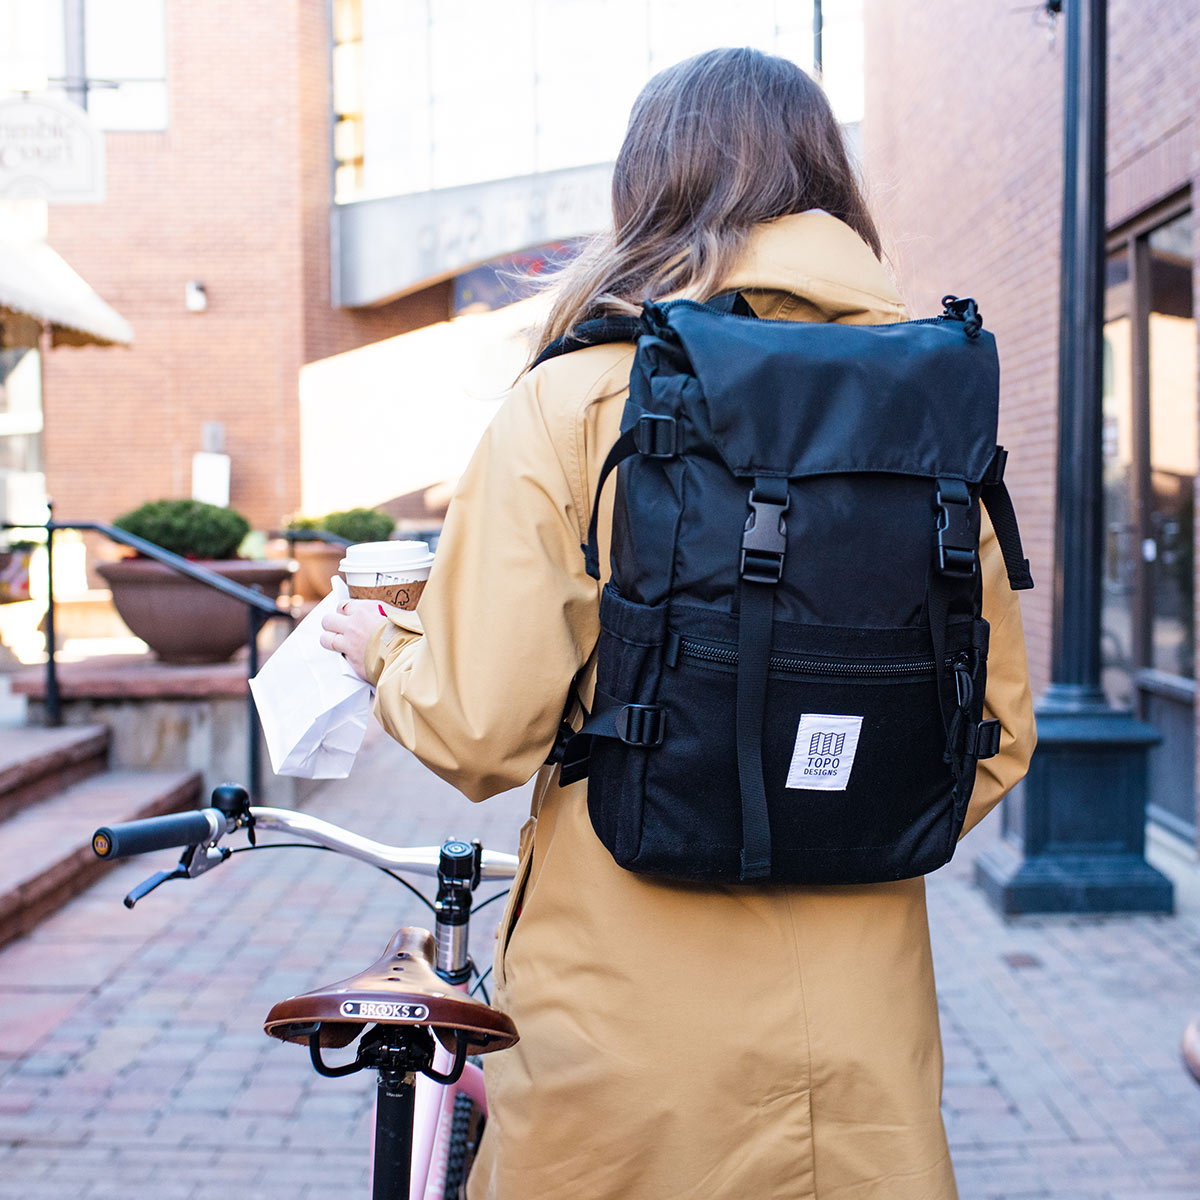 Topo Designs Rover Pack Classic Black, tijdloze rugzak met moderne functionaliteiten voor dagelijks gebruik